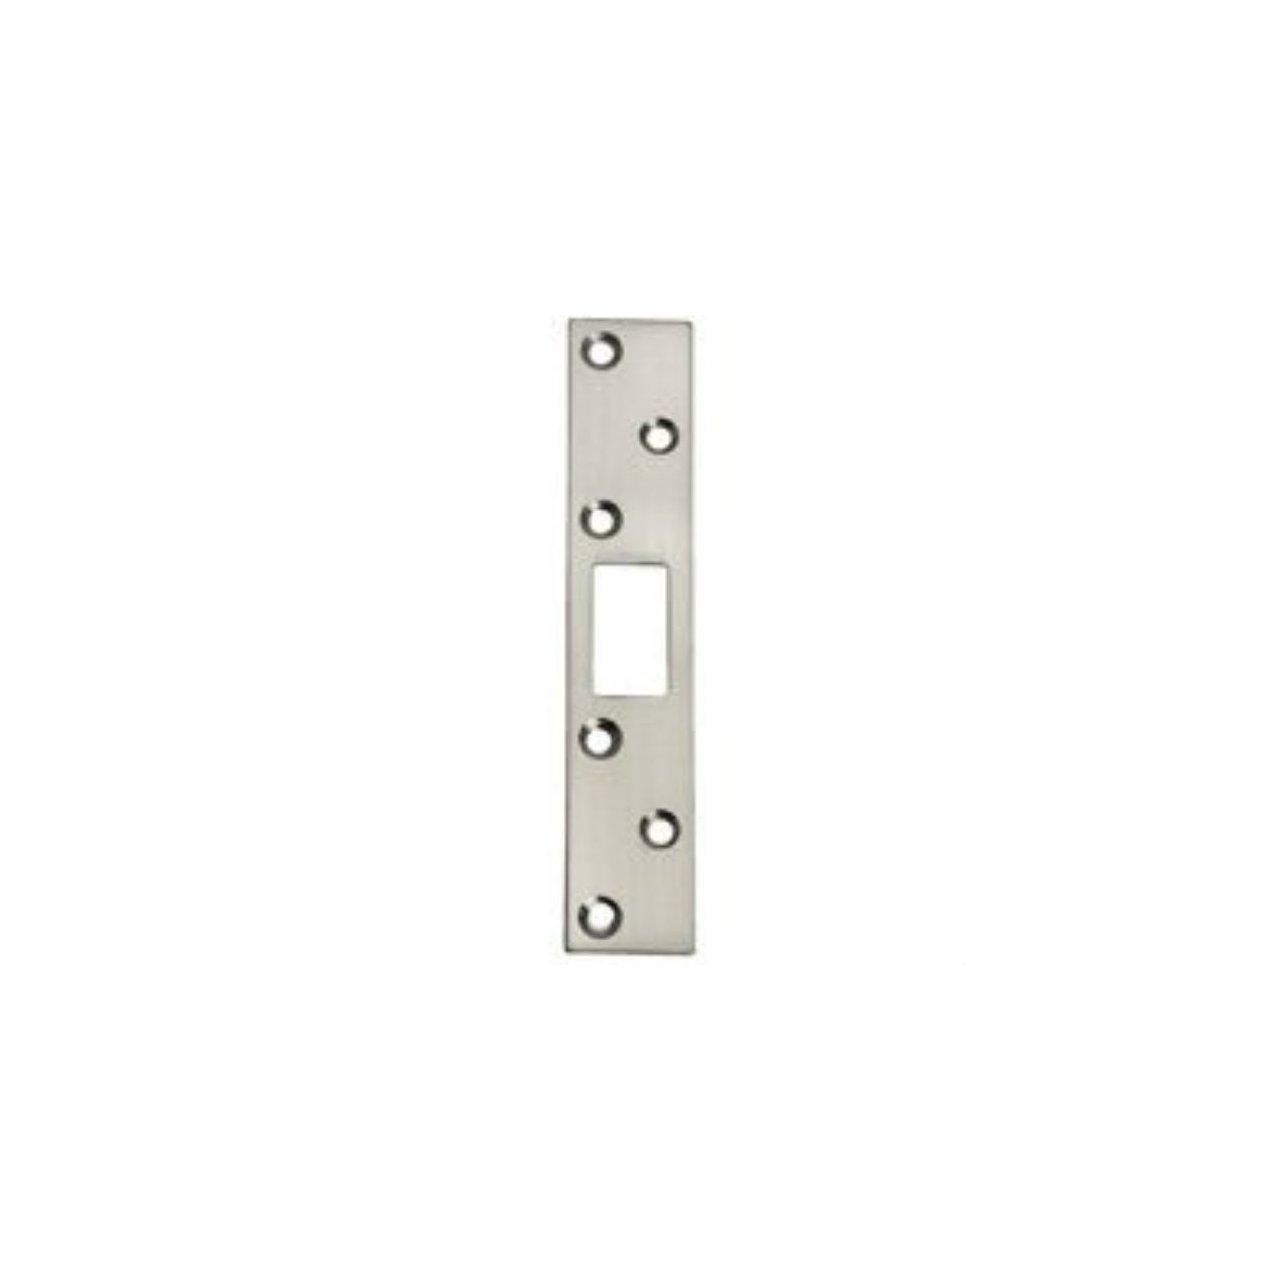 Mintcraft hsh-004bn Strike de seguridad, 1 - 1/8 x 15,24 cm, níquel cepillado: Amazon.es: Bricolaje y herramientas